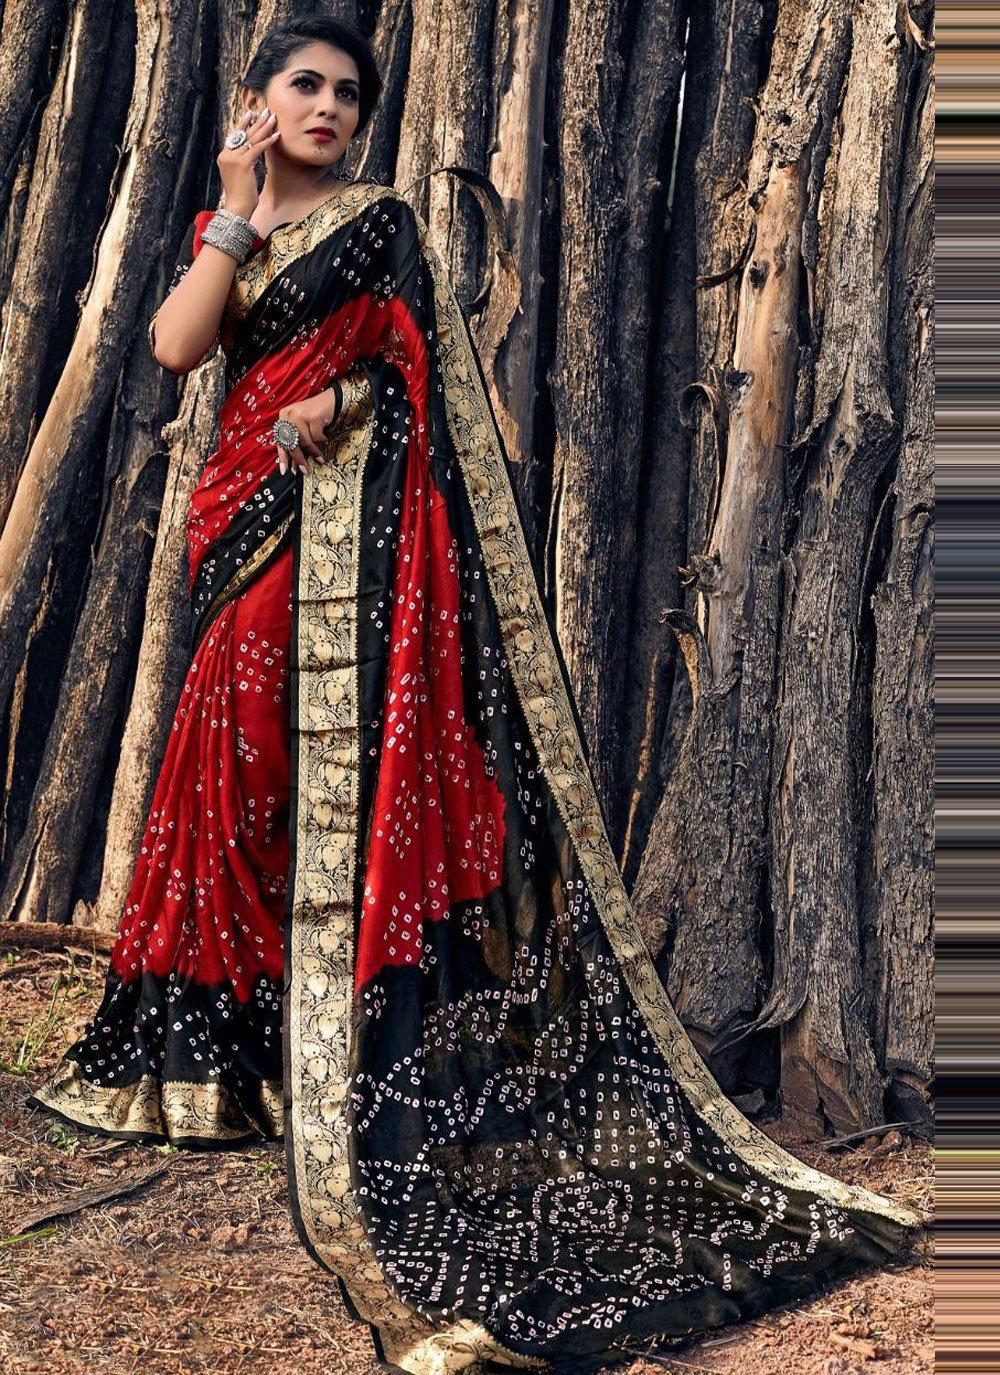 Viscose Bandhani Saree in Black and Red